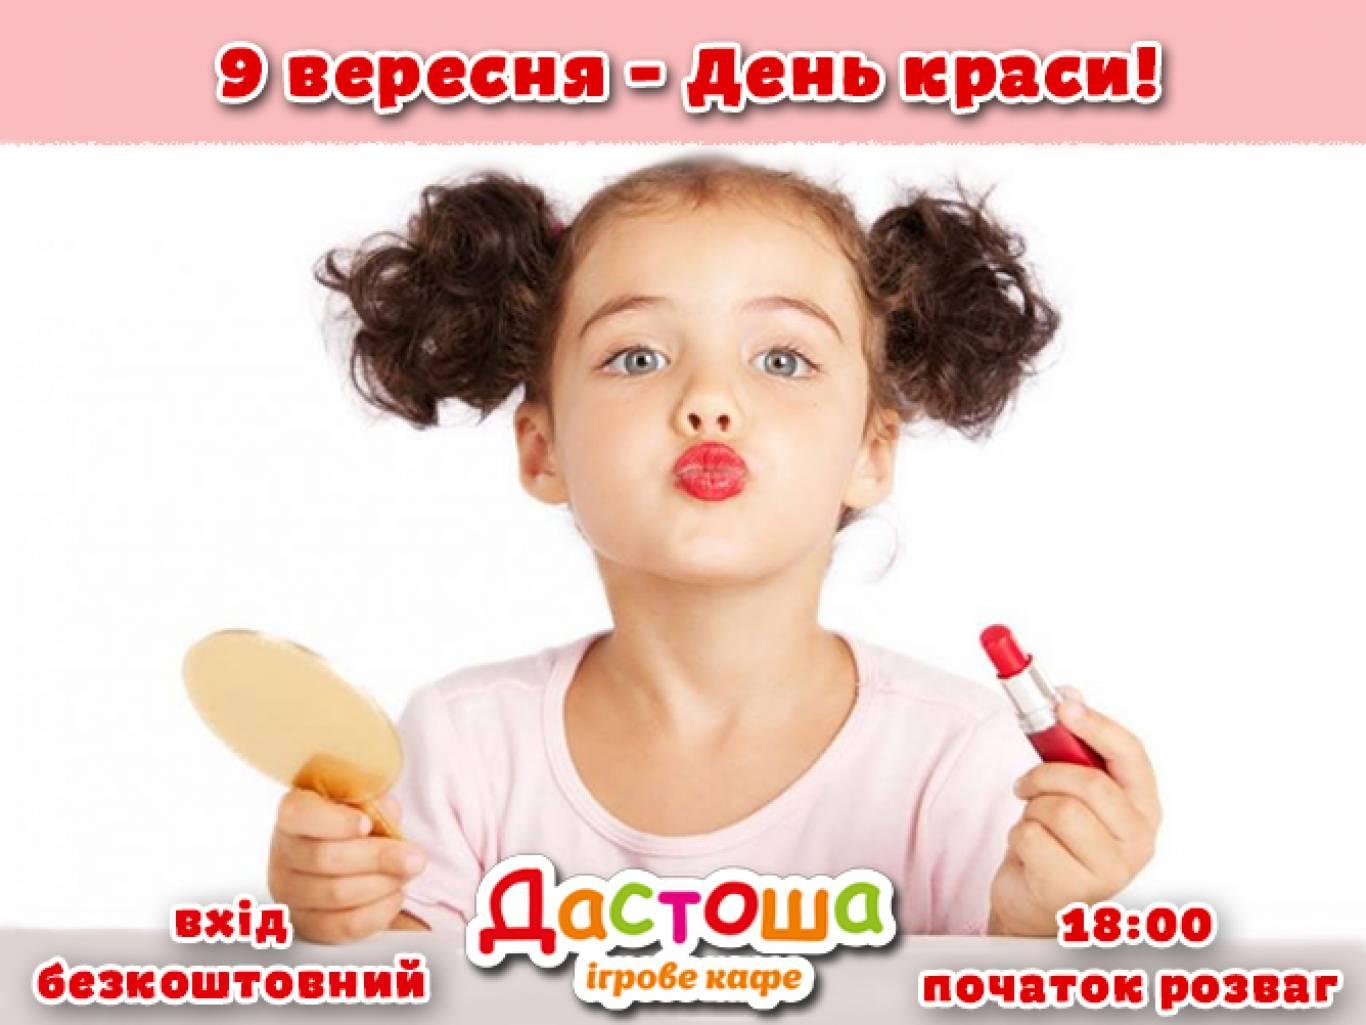 9 вересня - міжнародний день краси у Дастоші